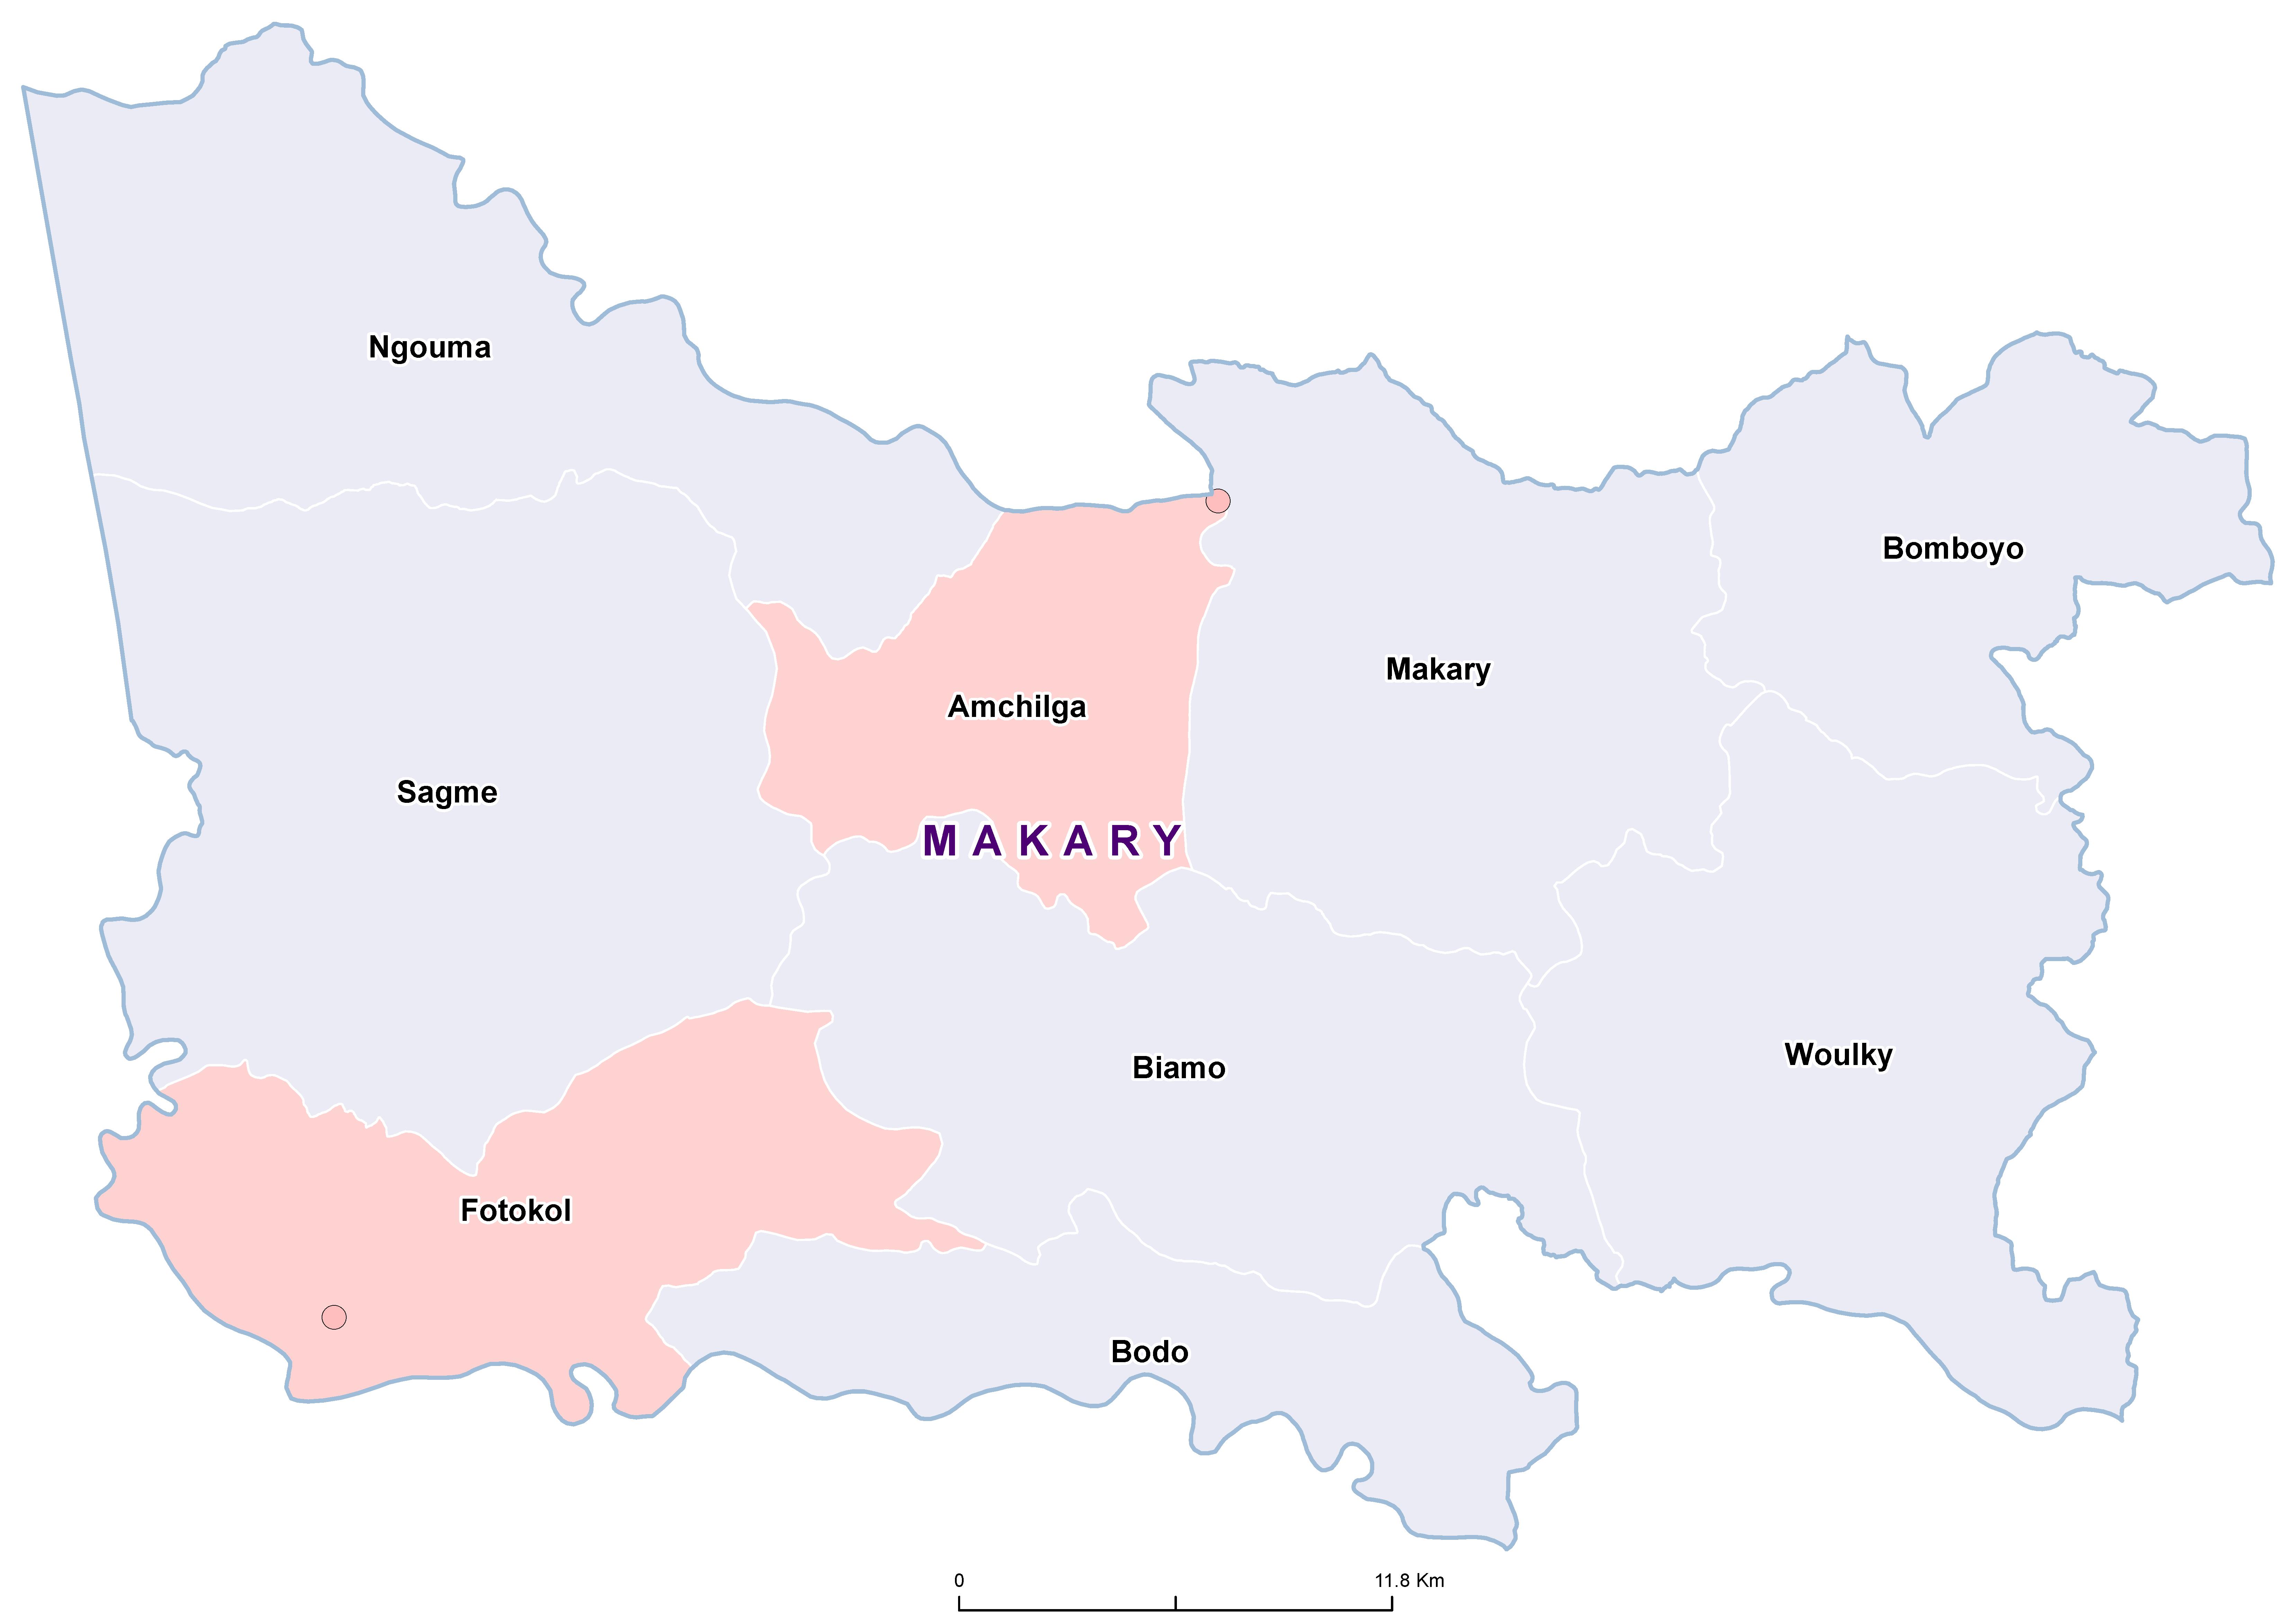 Makary SCH 19850001